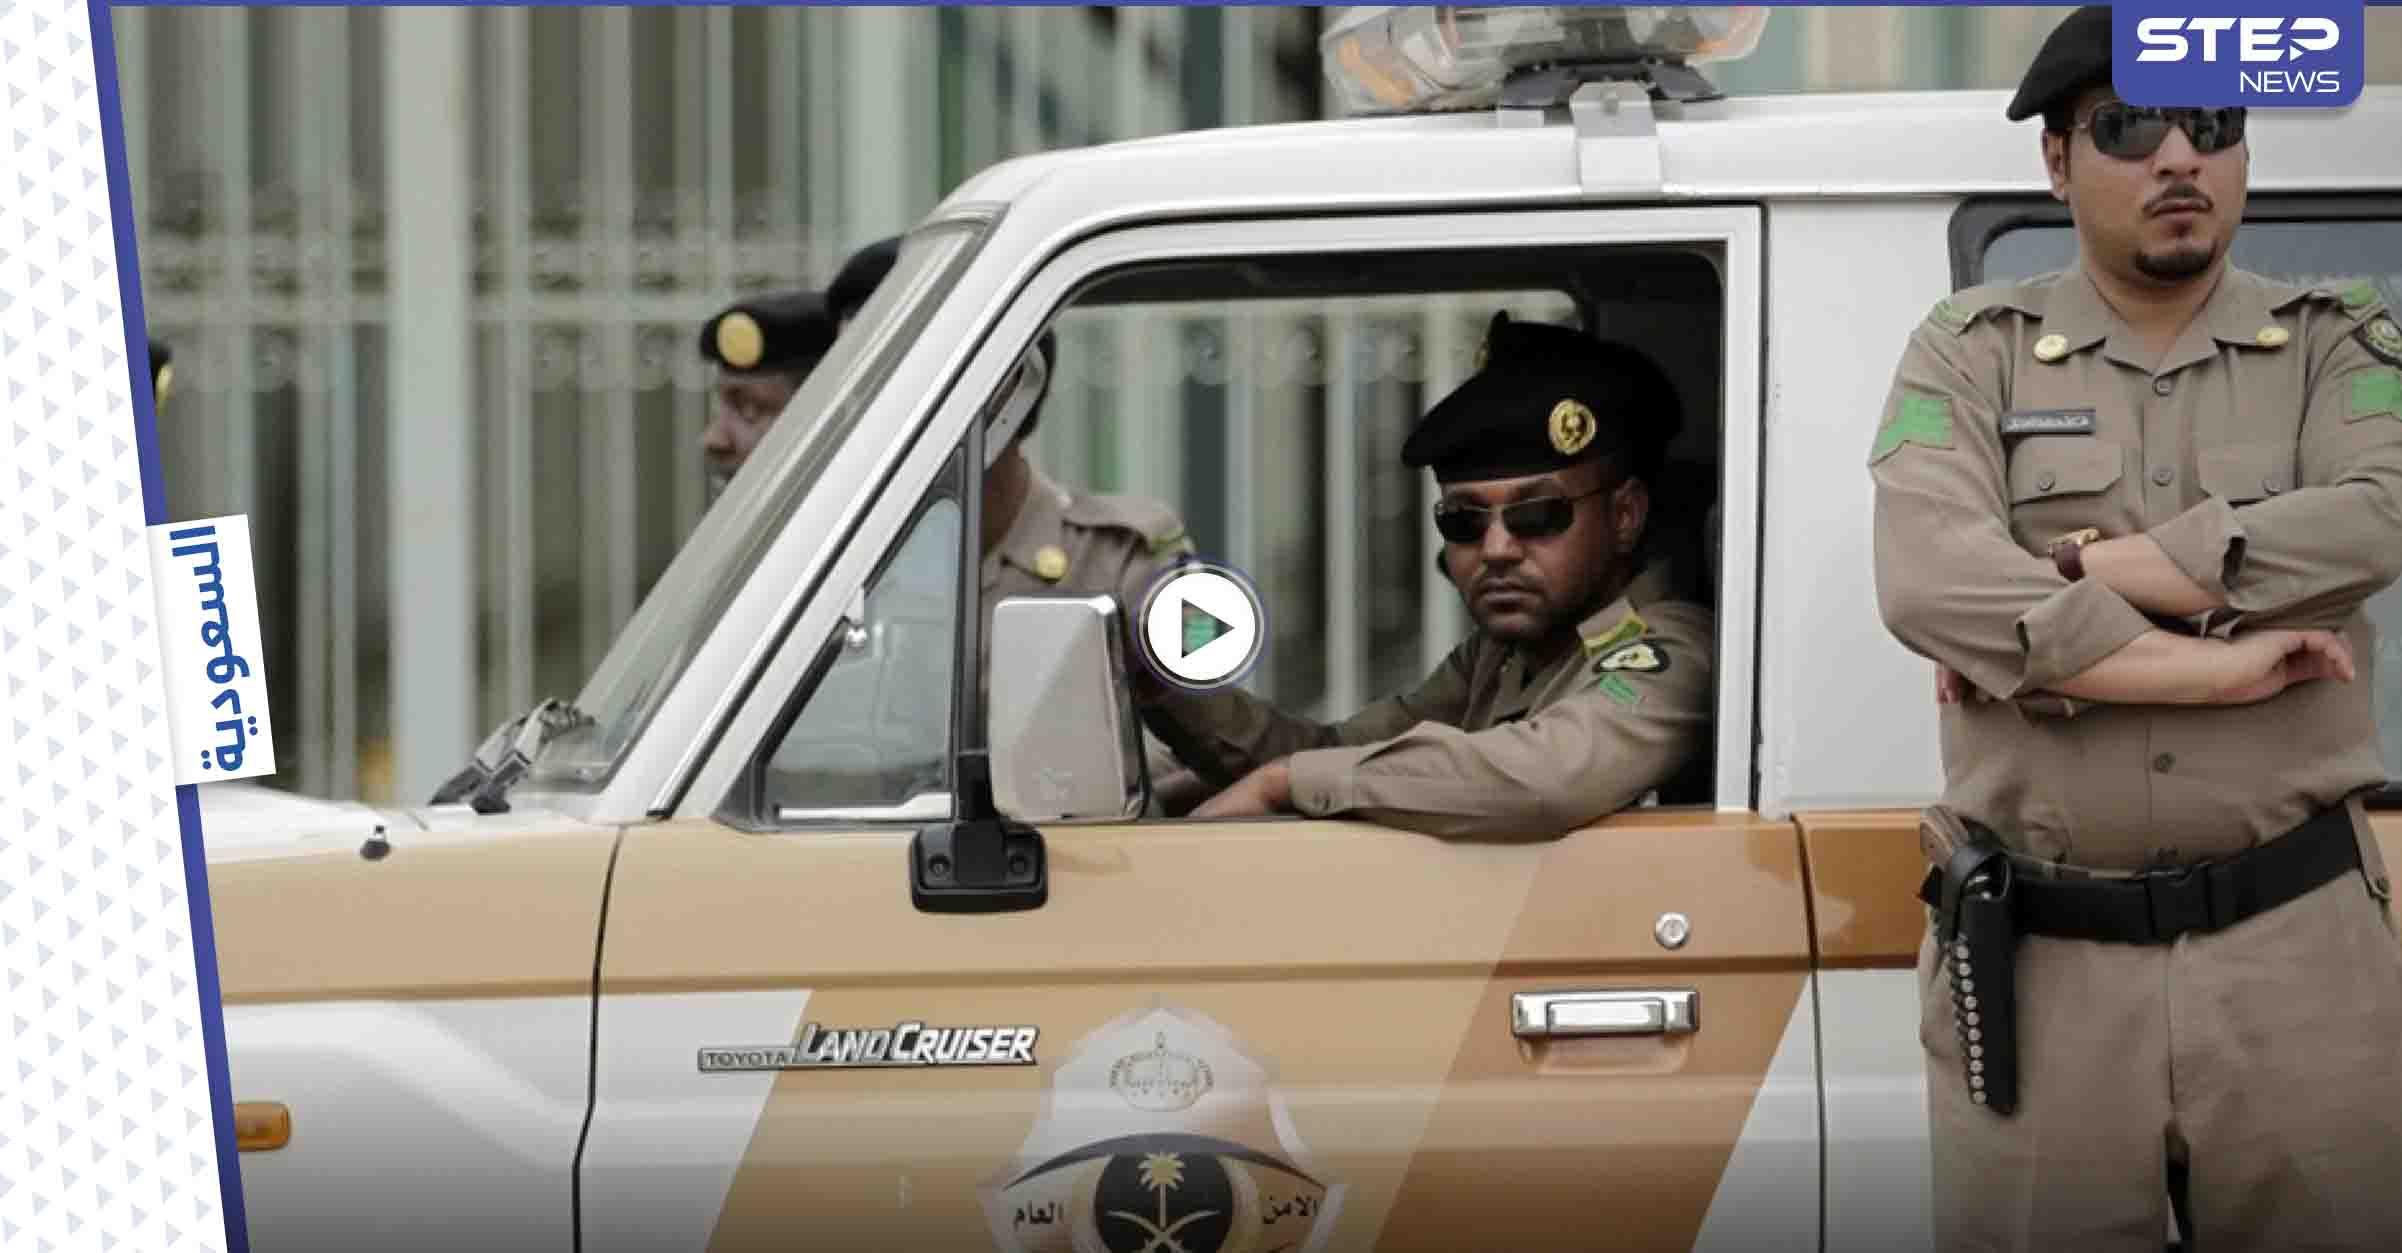 بالفيديو|| في مشهد مثير للجدل.. القبض على مواطنين سعوديين بتهمة الرقص فوق شاحنة أثناء سيرها